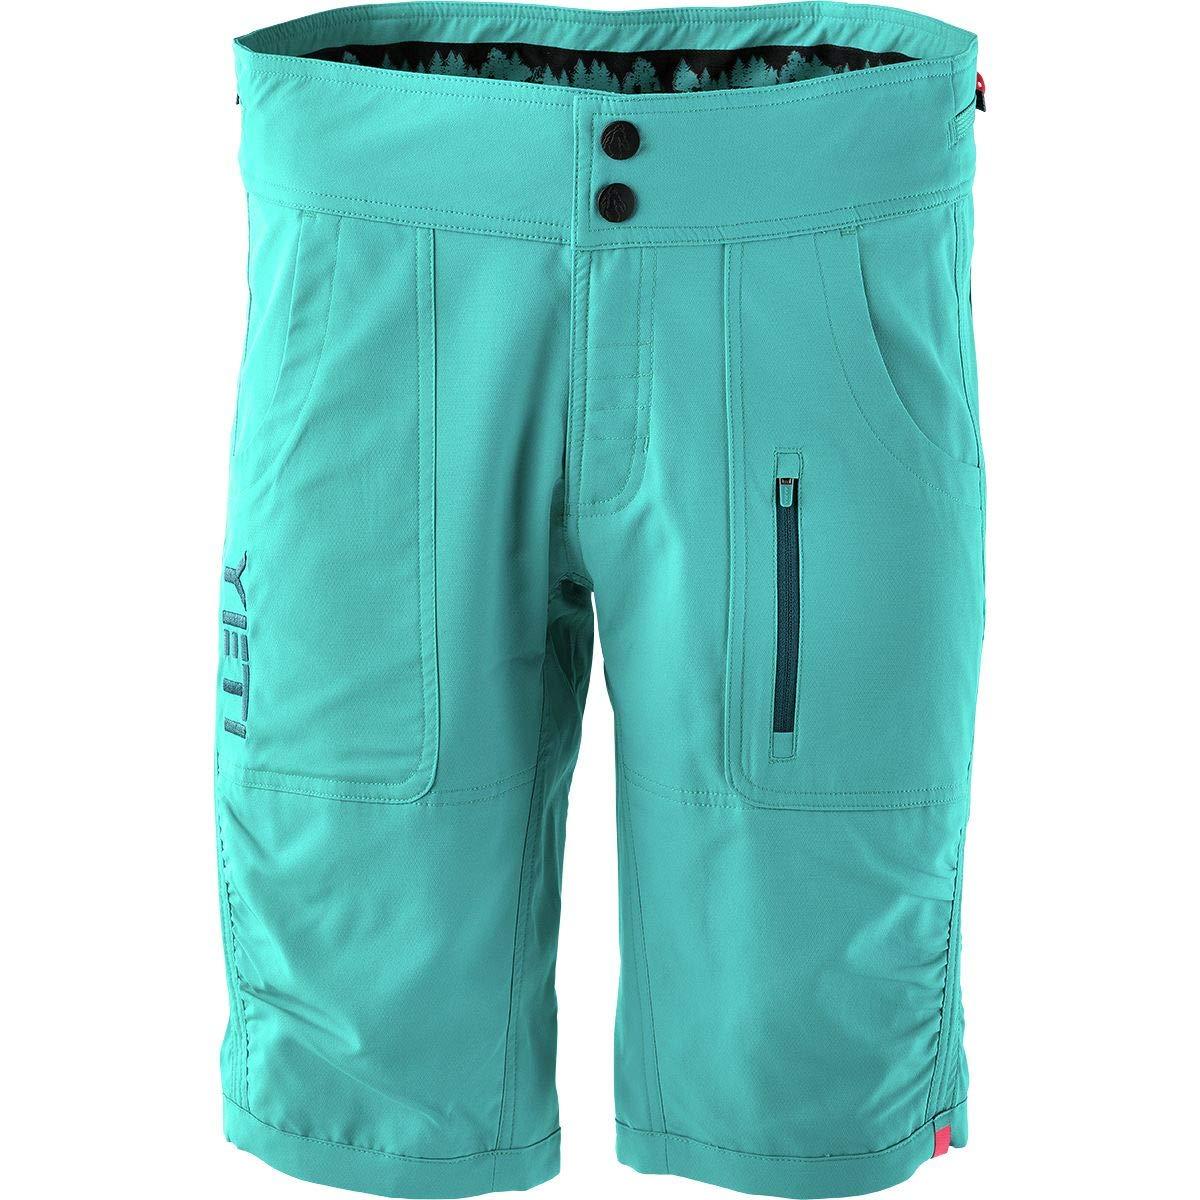 (イエティサイクル) Yeti Cycles Norrie Short レディース サイクルショーツ&ビブTurquoise [並行輸入品] 日本サイズ L相当 (US M) Turquoise B07GP3X3DT